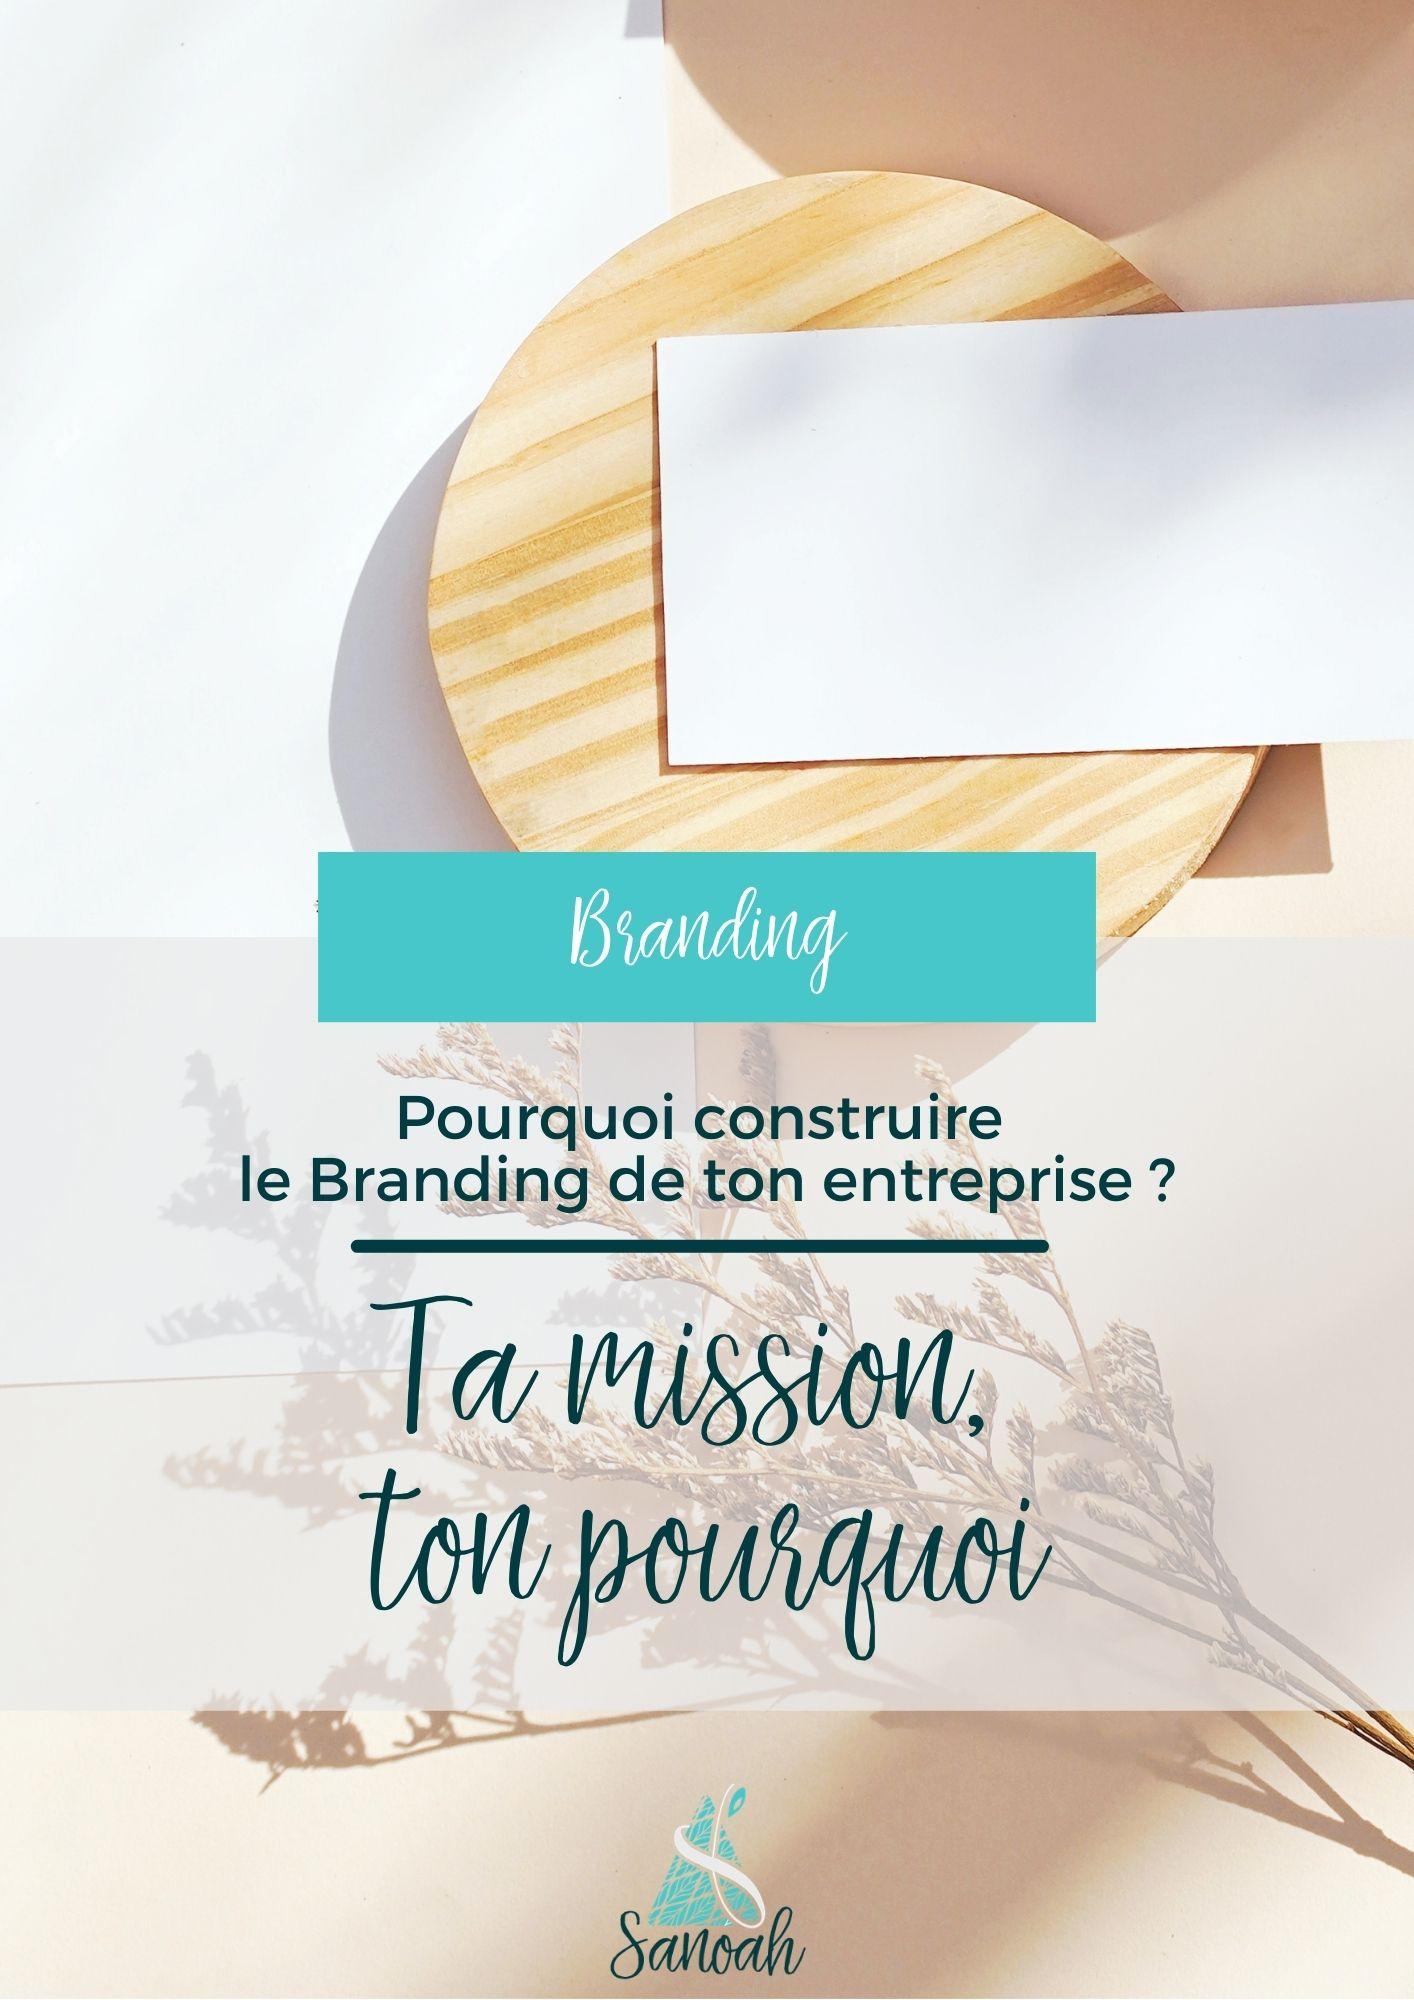 Pourquoi construire le Branding de ton entreprise Ta mission, ton pourquoi